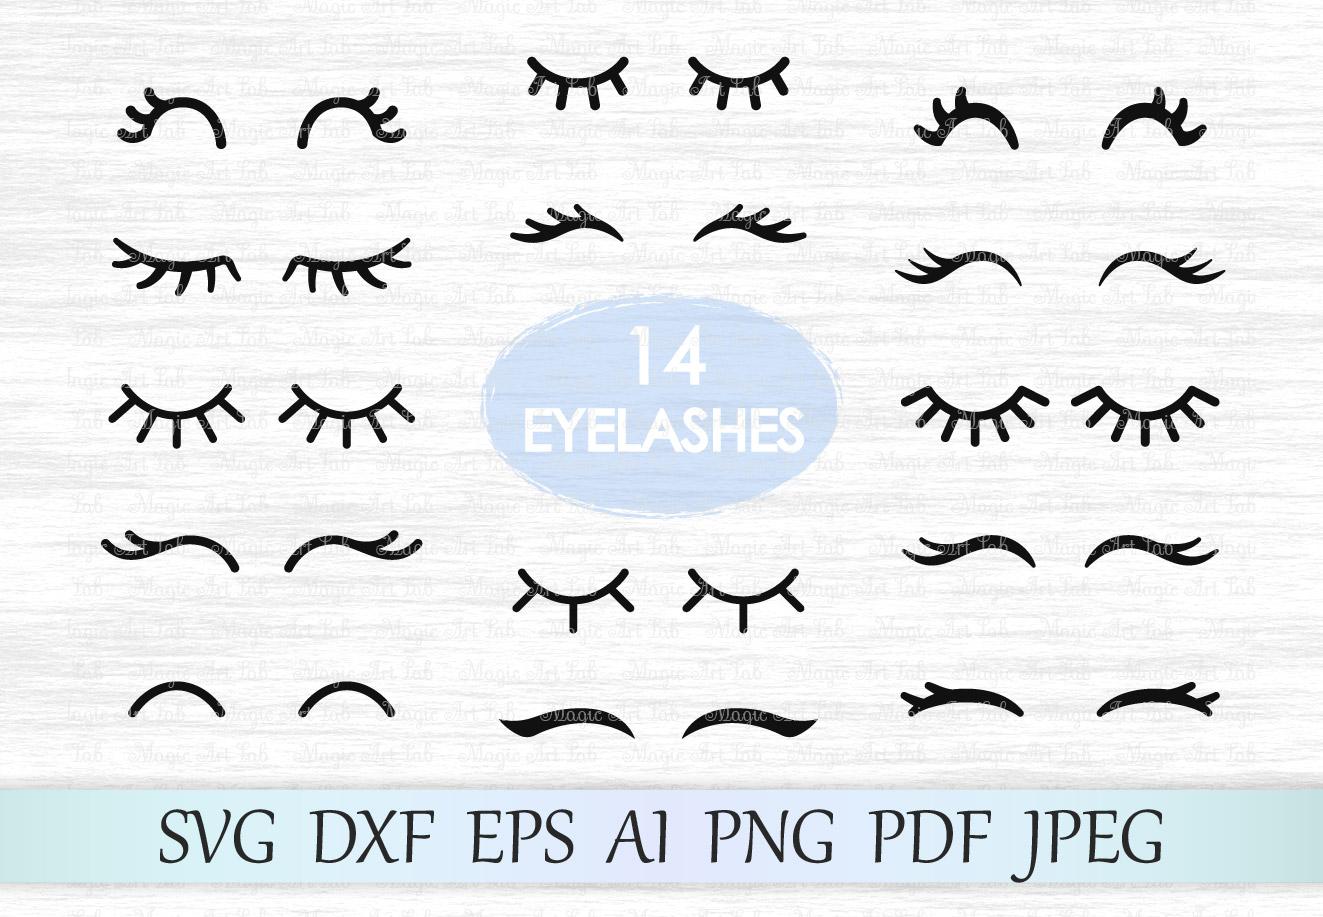 File eyelash vector cut. Eyelashes clipart svg